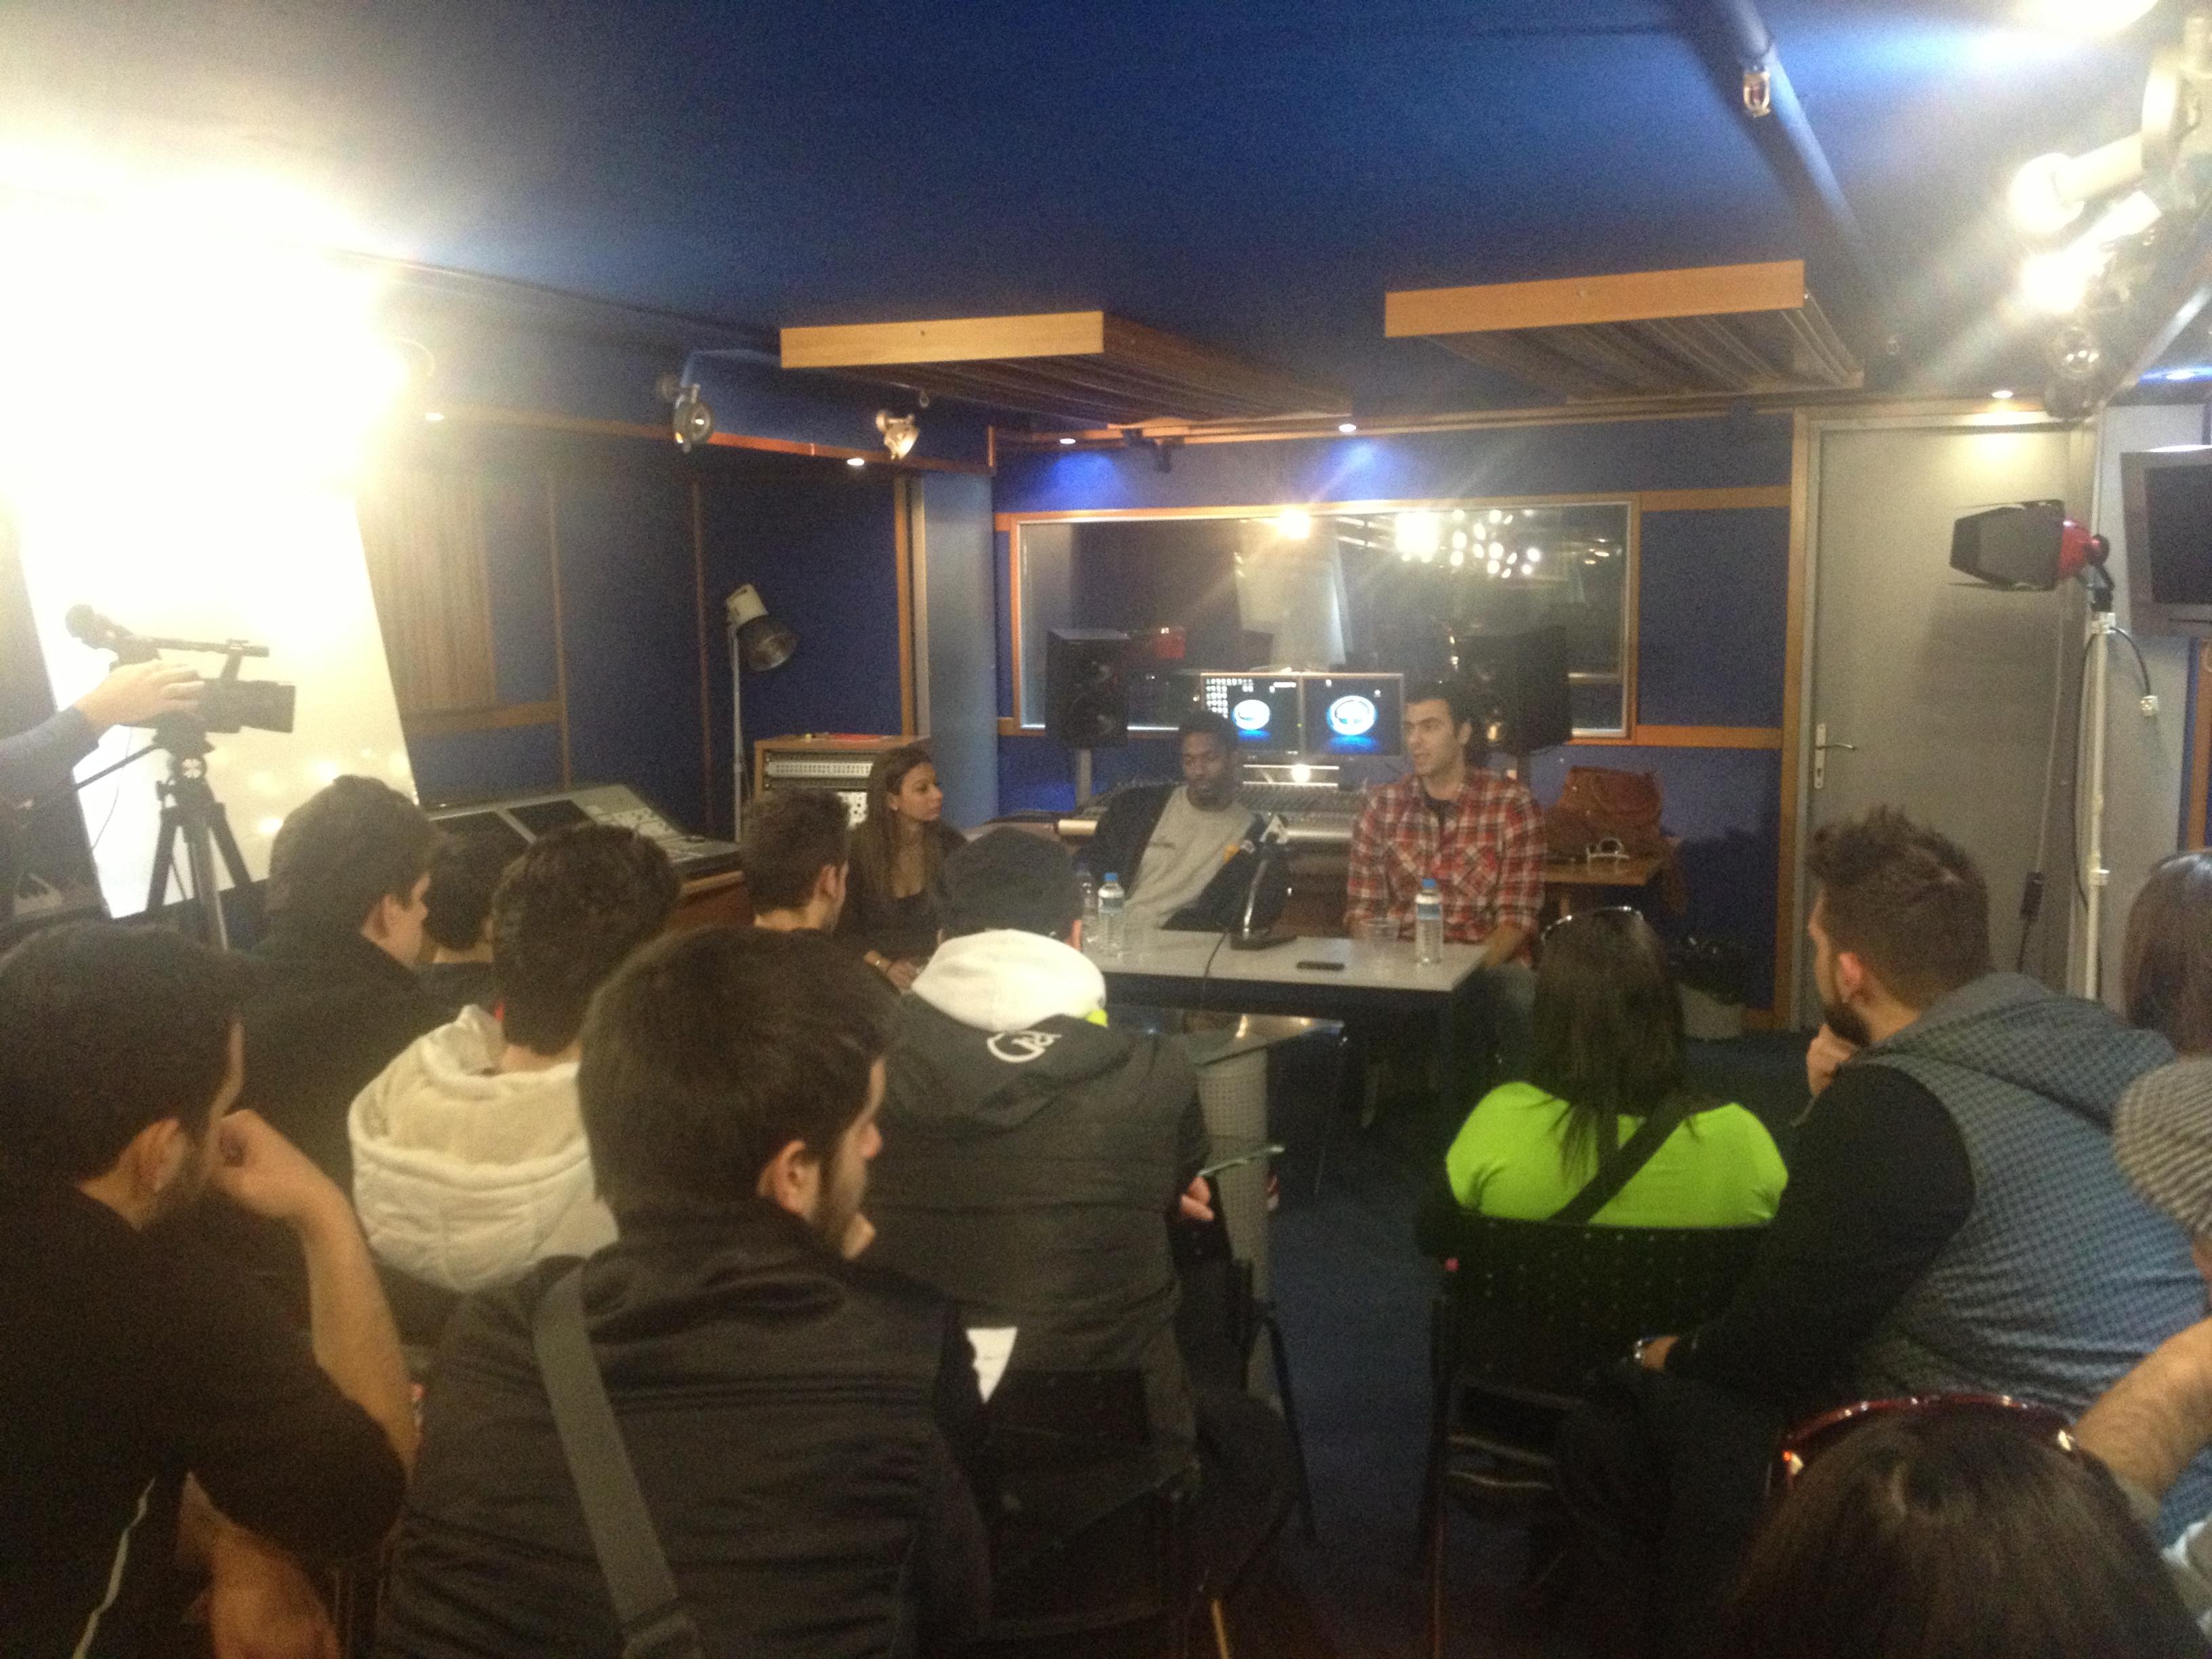 Ασημακόπουλος και Χαντ μίλησαν σε σπουδαστές δημοσιογραφίας, τονίζοντας πως «ο Άρης έχει να δώσει πολλά»